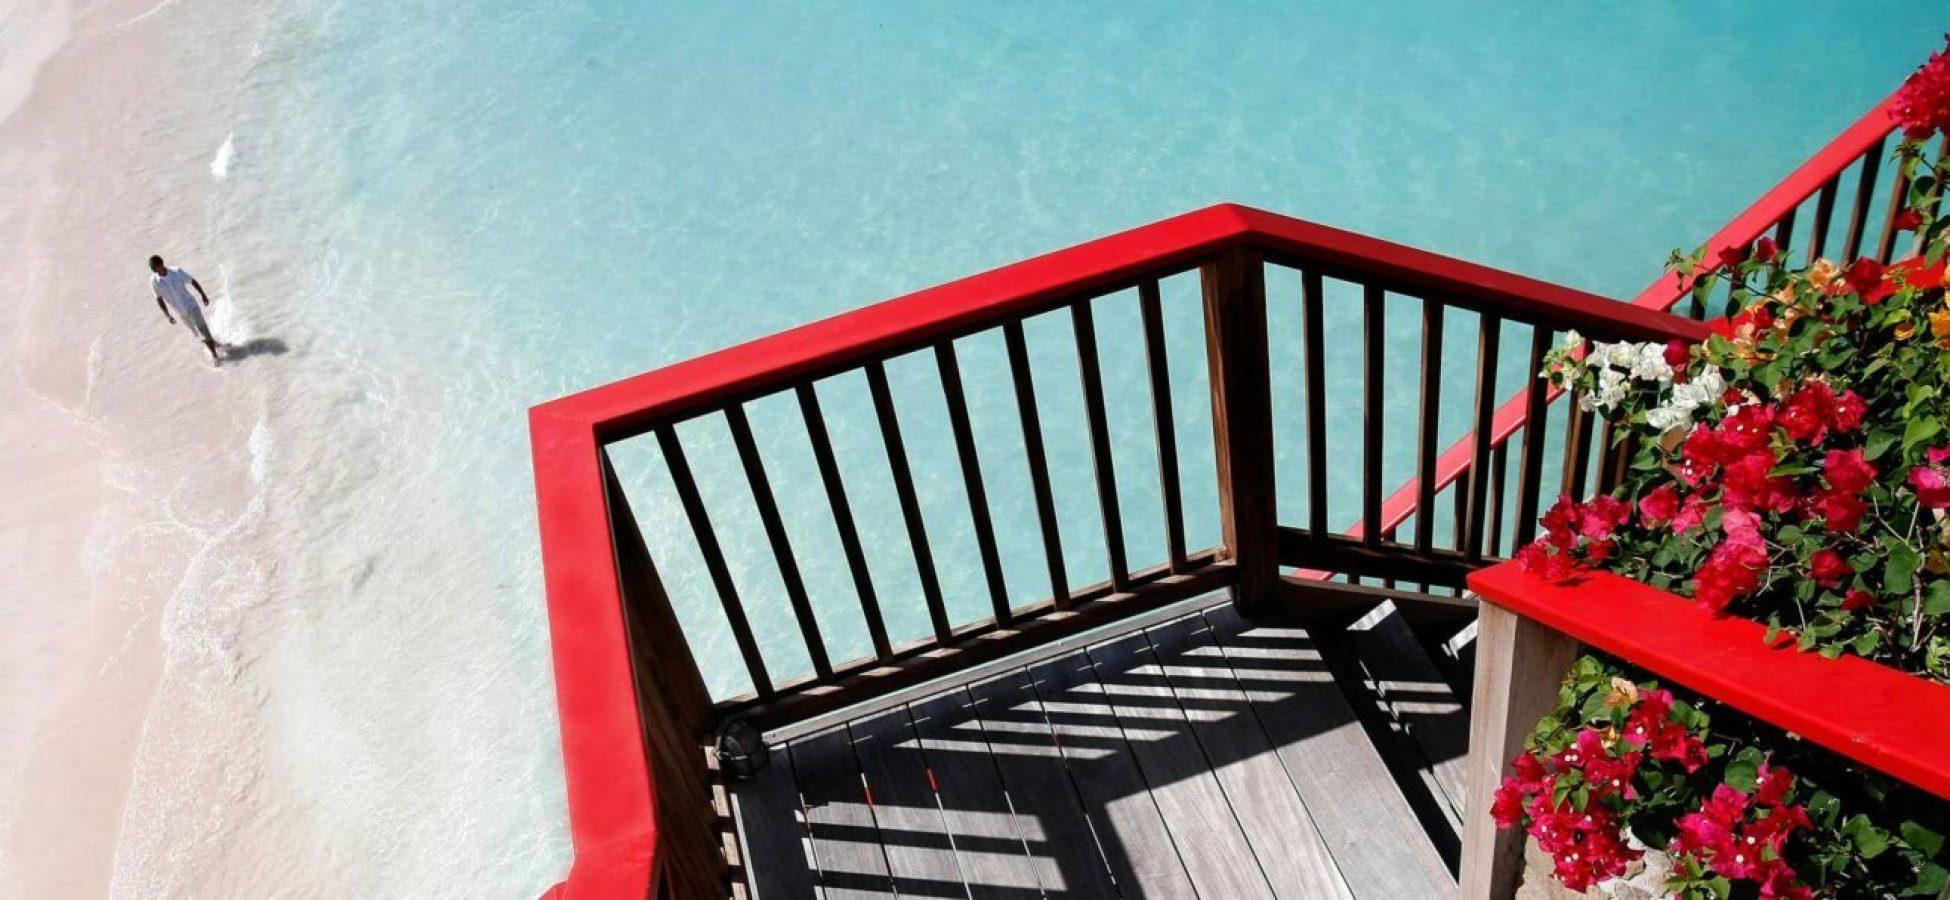 Agence photo : Reportage photographique d'illustration hôtelière aux Caraïbes